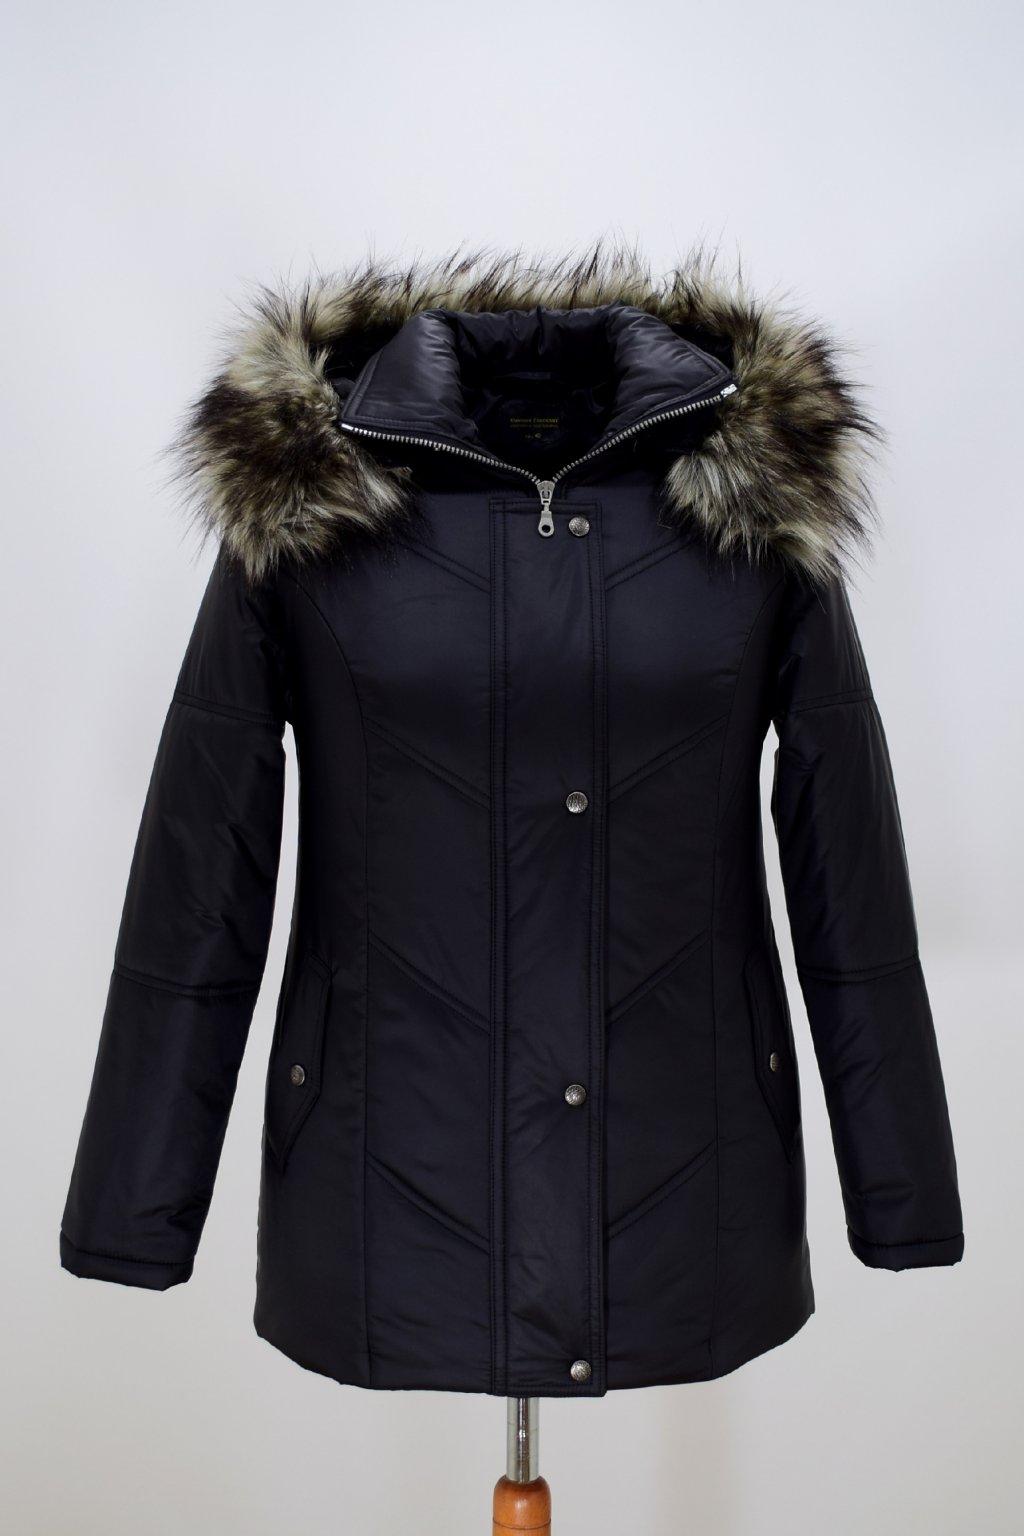 Dámská černá zimní bunda Saša nadměrné velikosti.